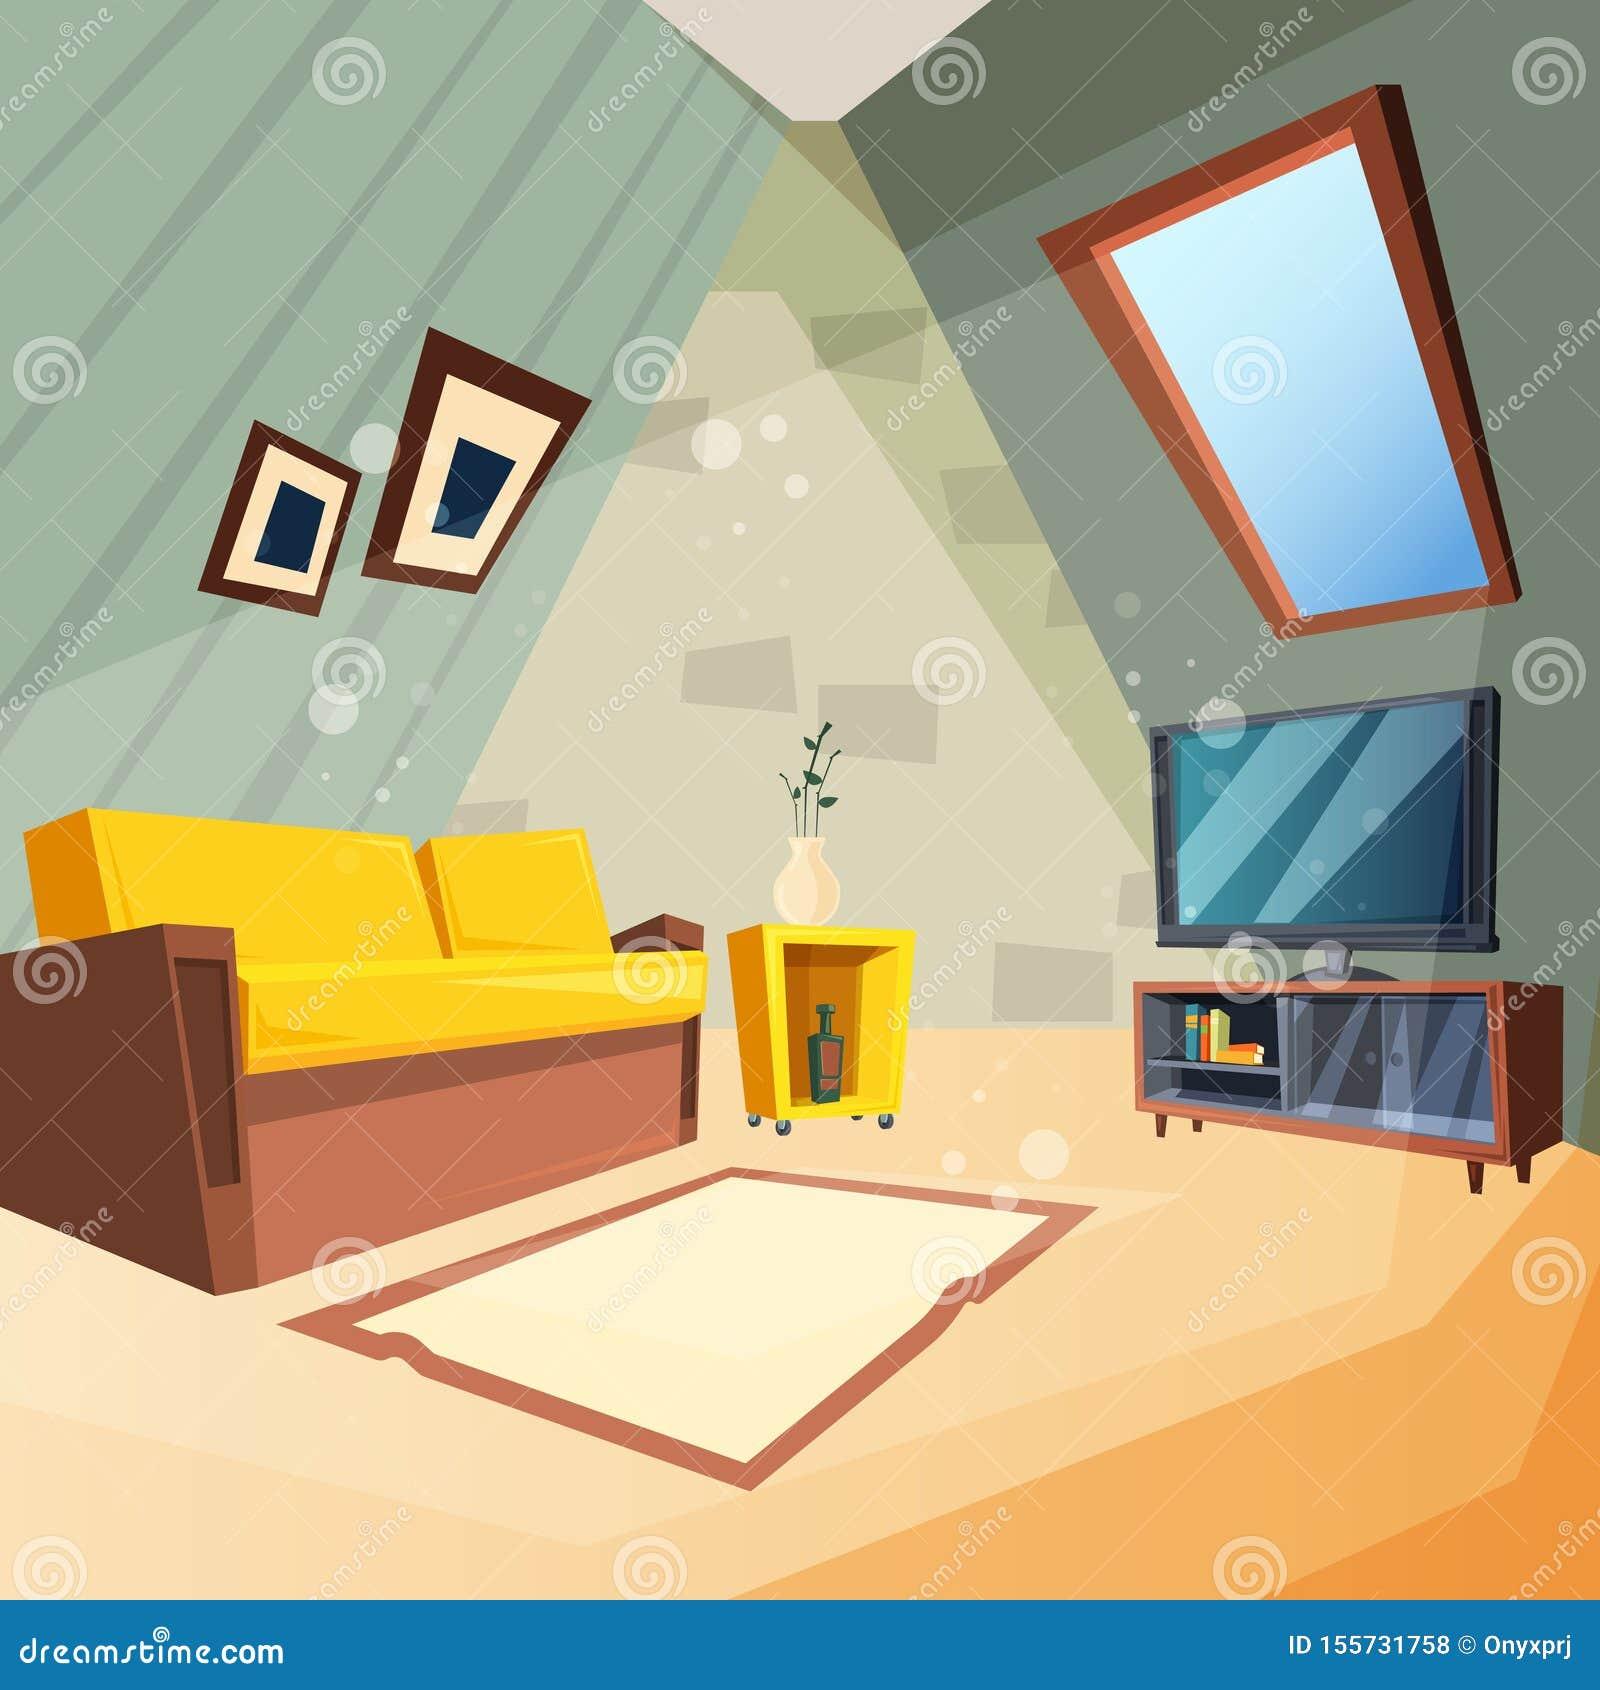 Dachboden Schlafzimmer für Kinderinnenraum der Dachbodenraumecke mit Fenster auf Deckenvektorbild in der Karikaturart